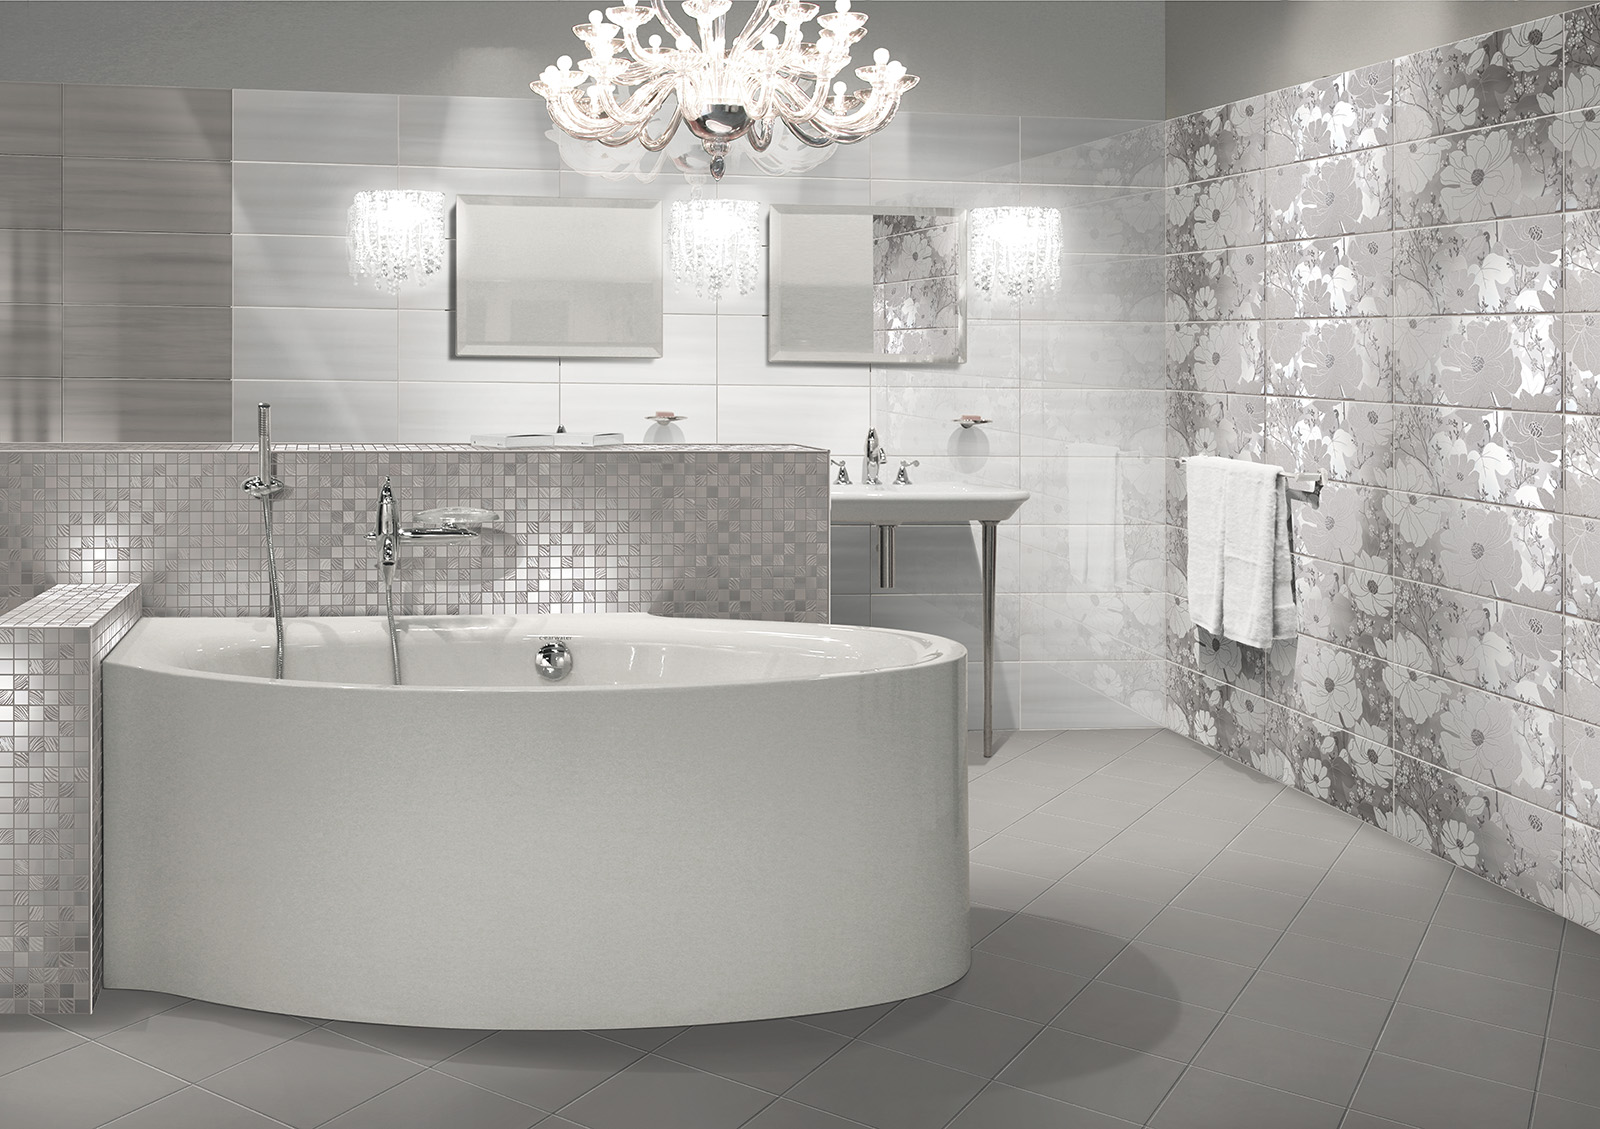 Maioliche bagno decora la tua vita - Ceramiche grazia bagno ...